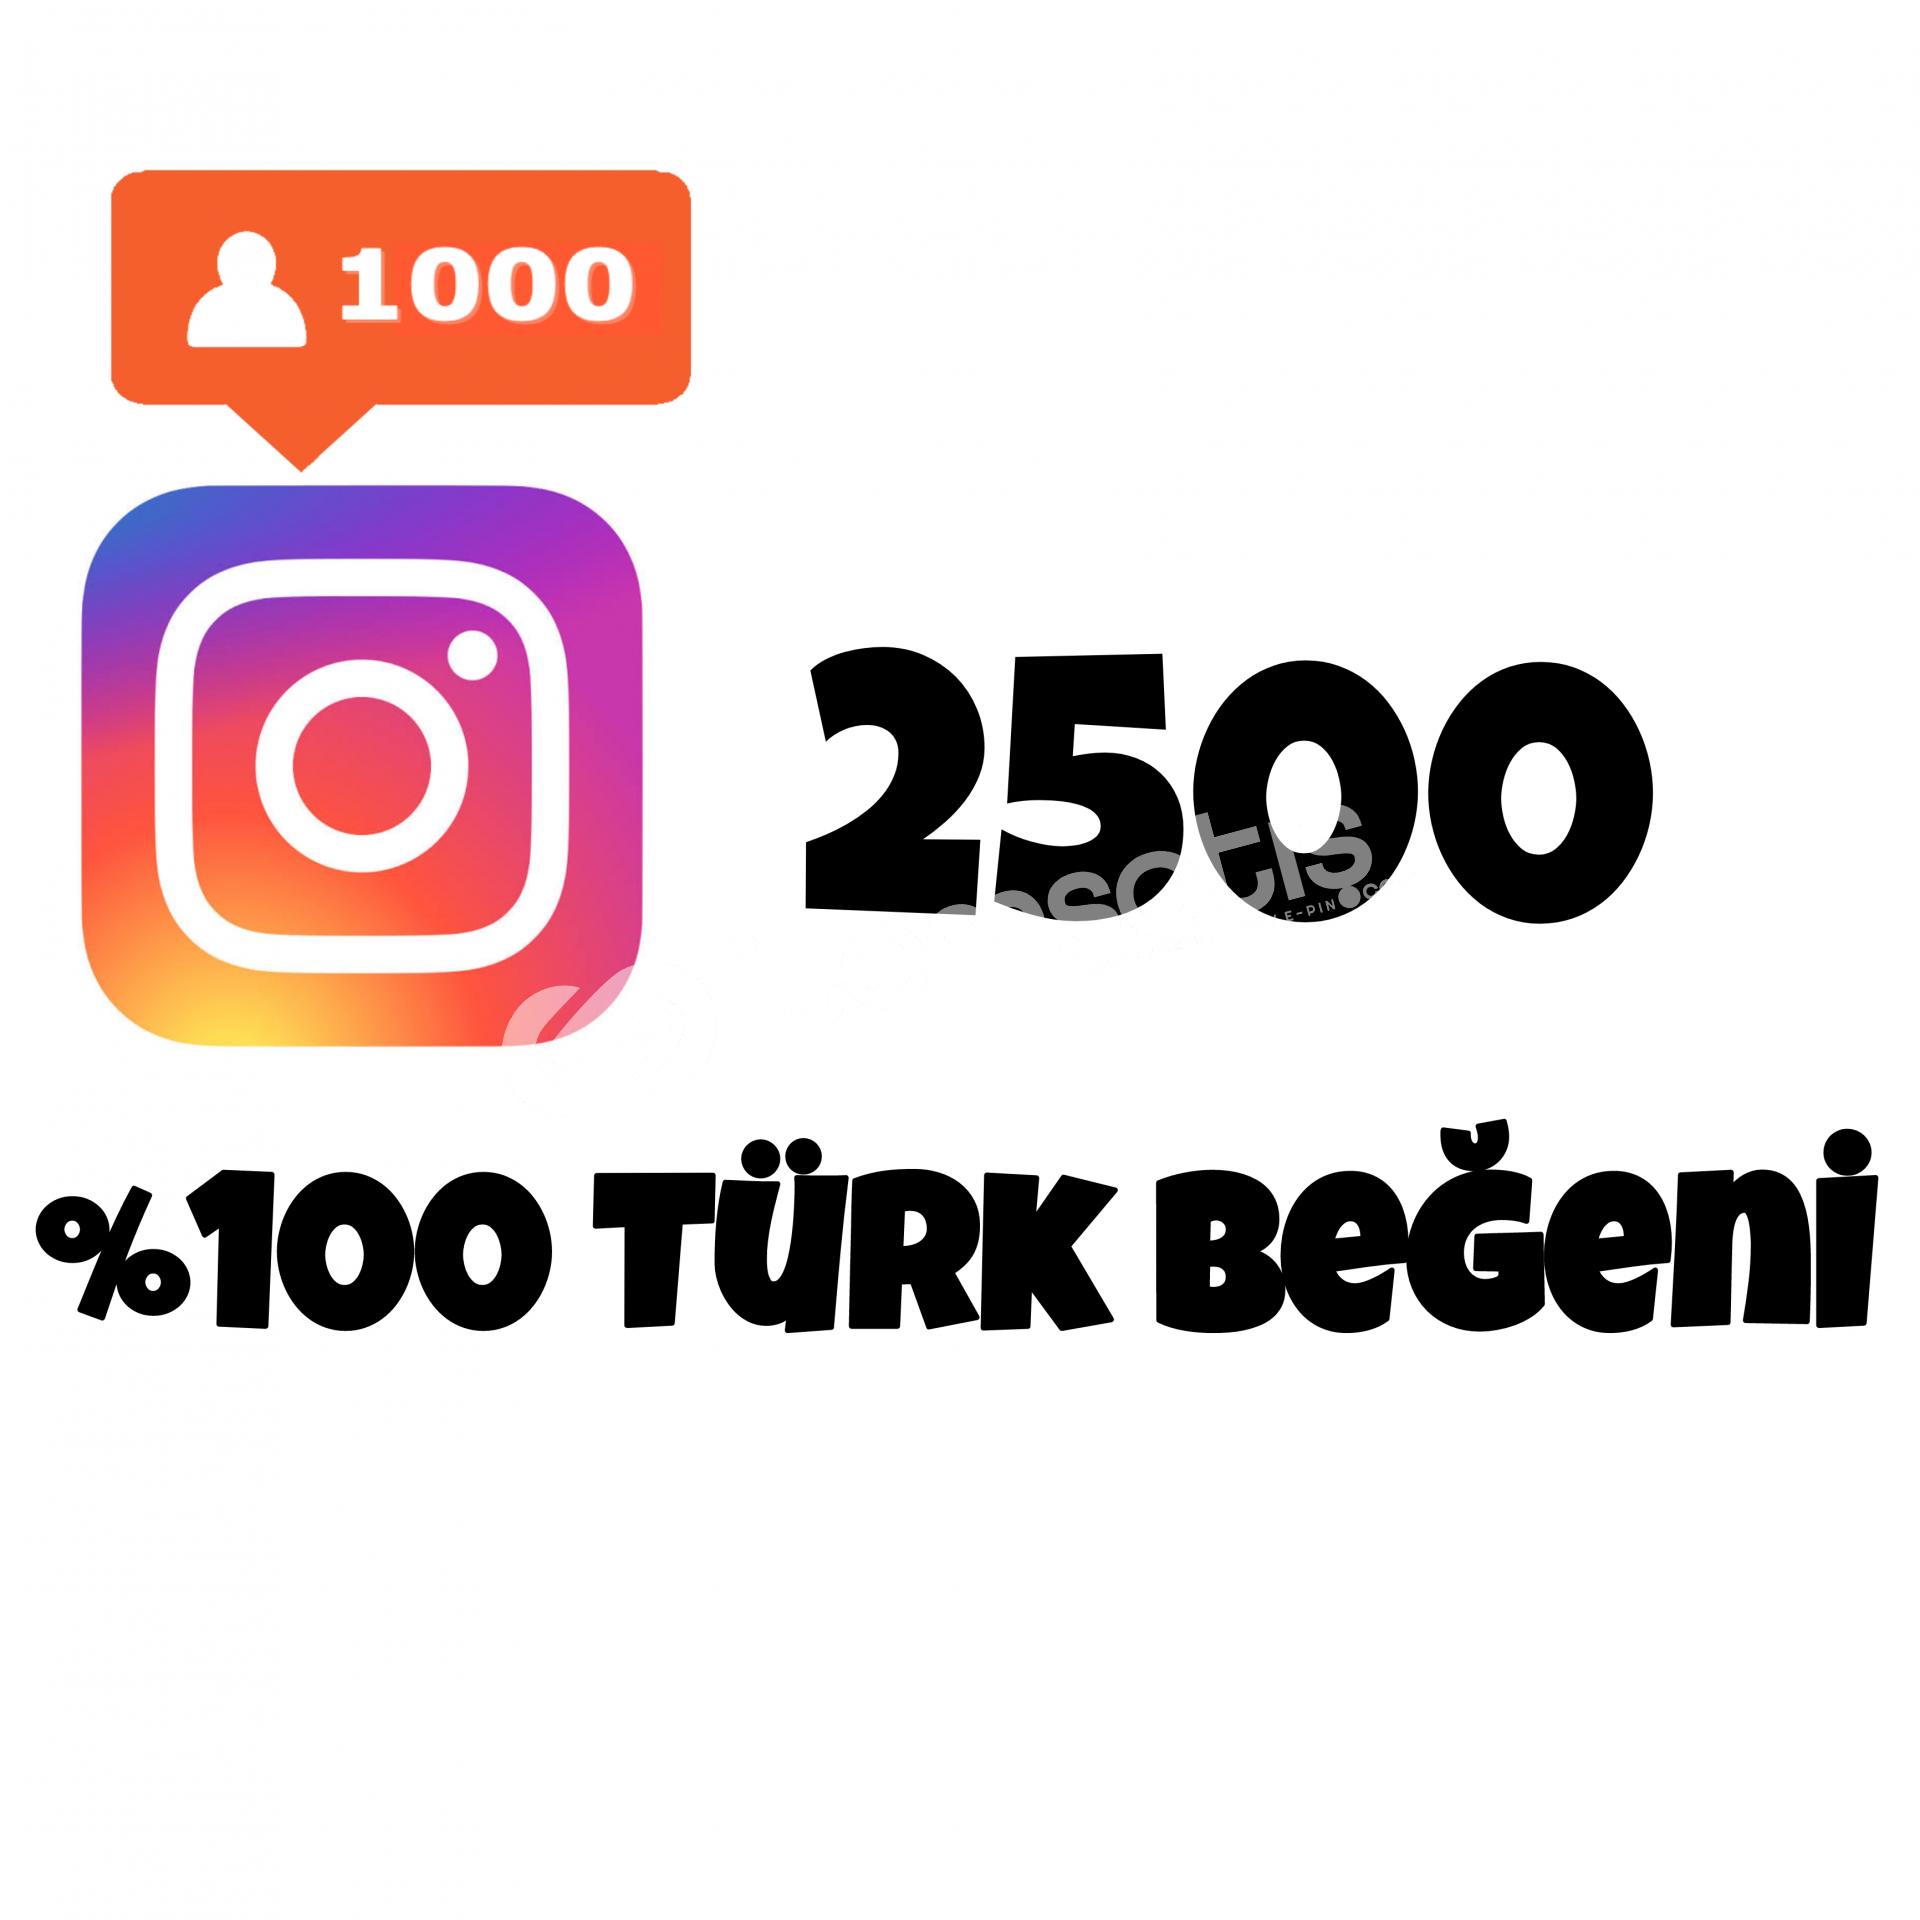 2500 TÜRK BEĞENİ | HIZLI GÖNDERİM